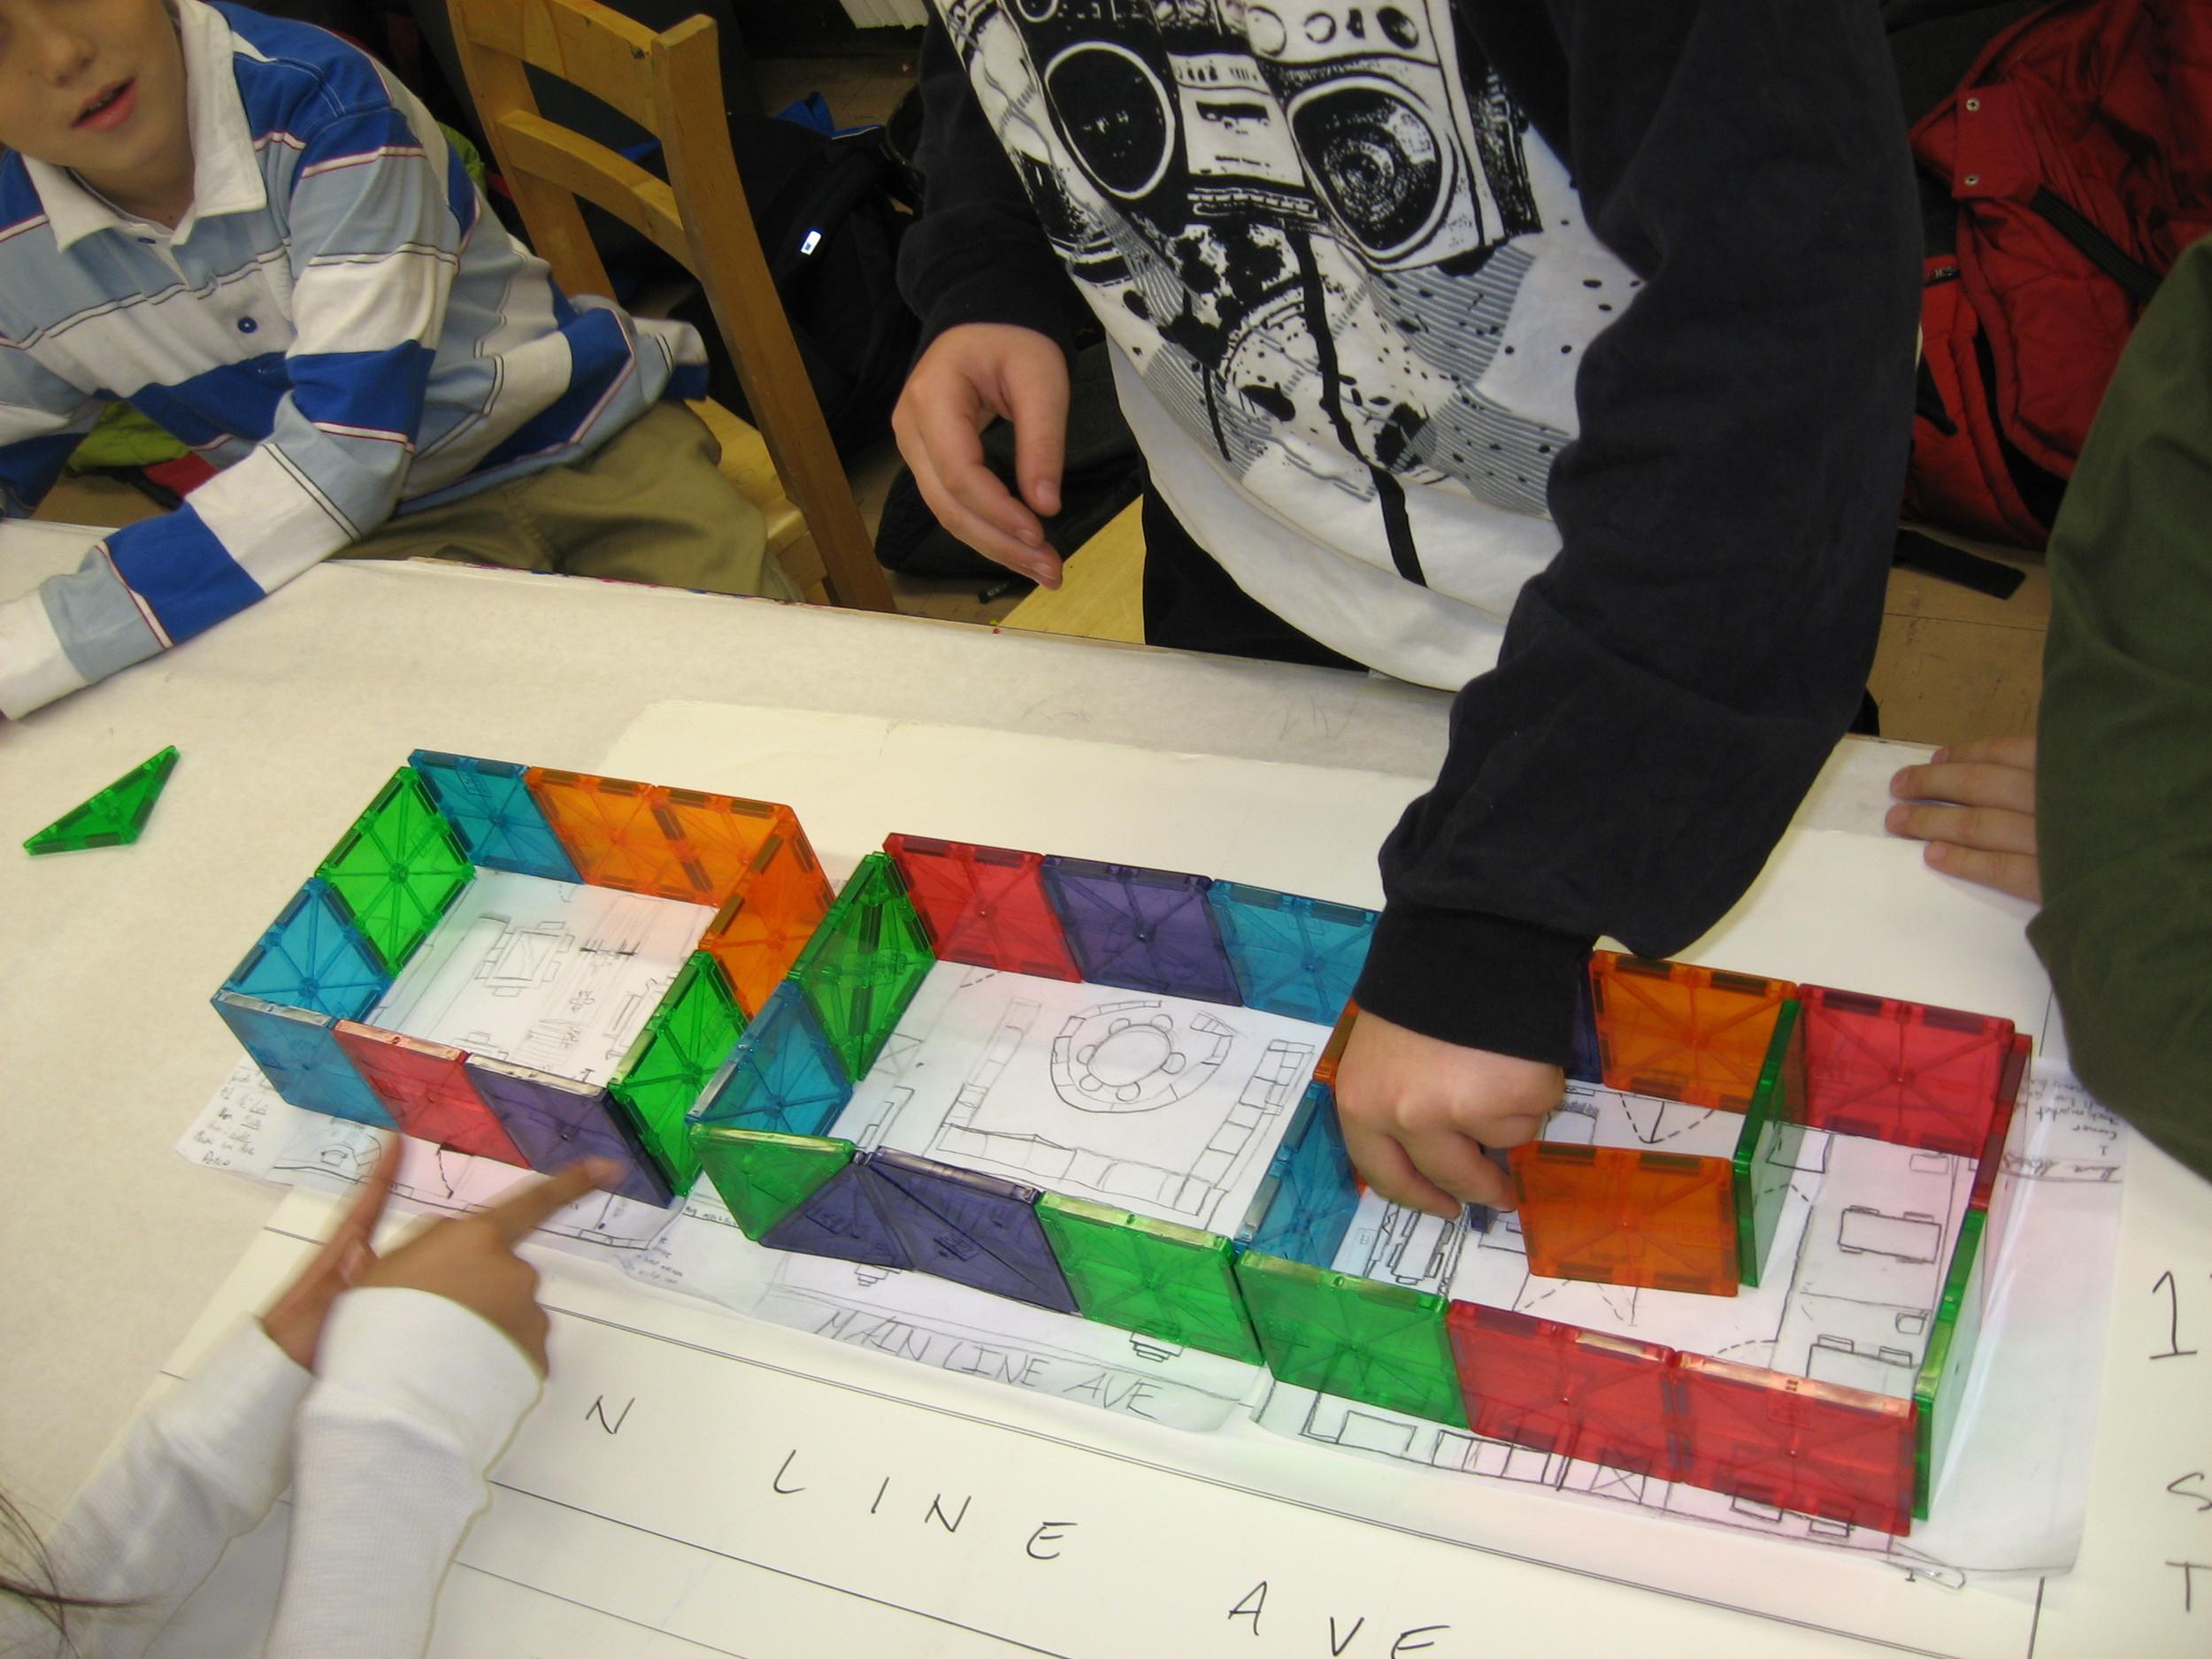 Architots enrichment program students.